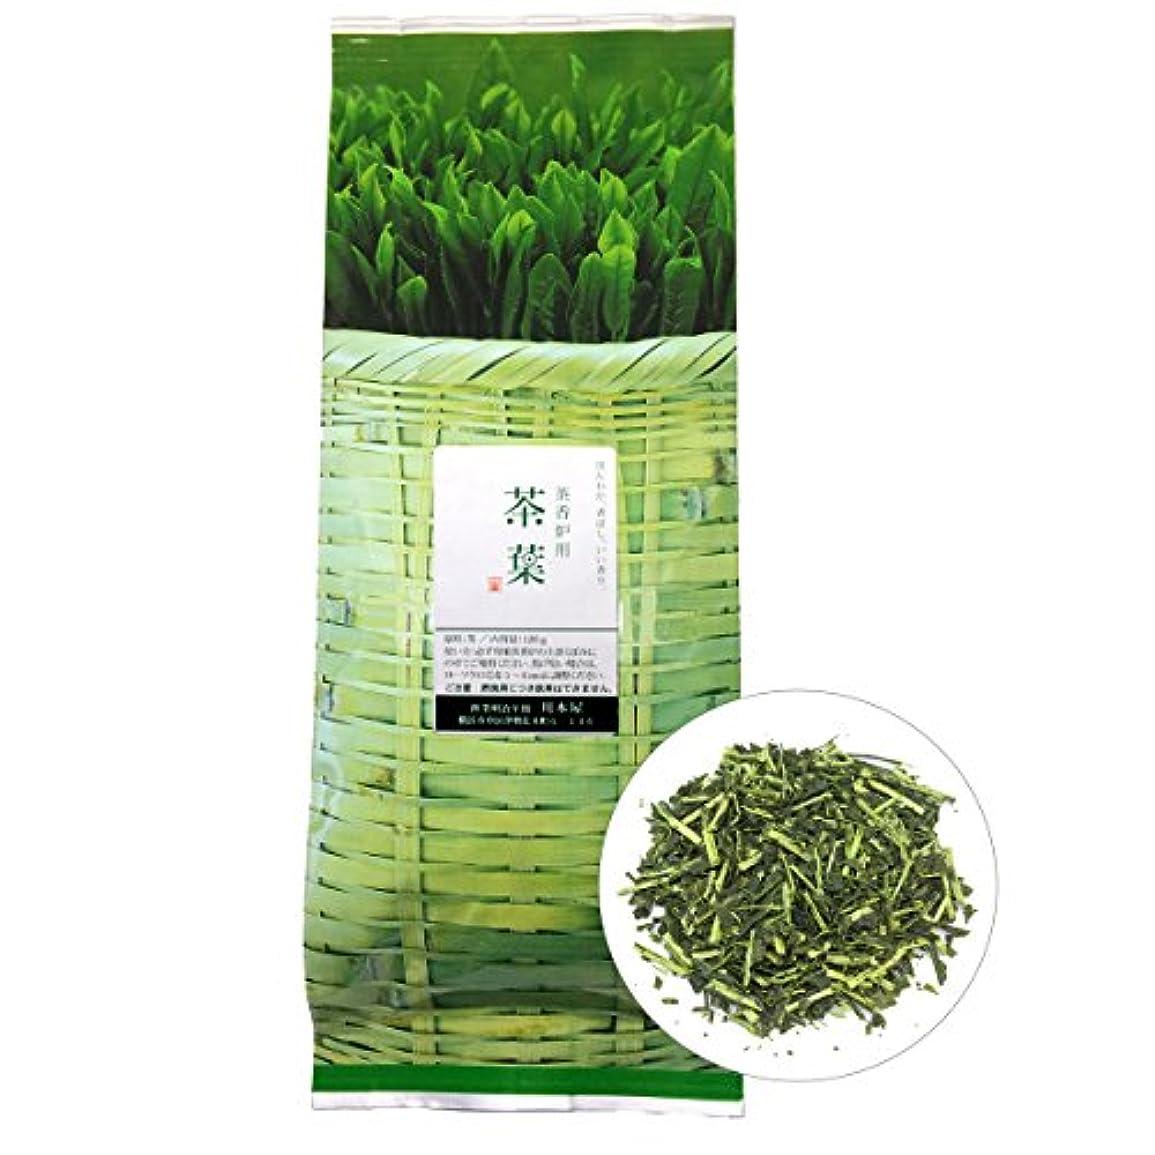 とてもオーケストラ地理国産 茶香炉専用 茶葉110g (1袋) 川本屋茶舗